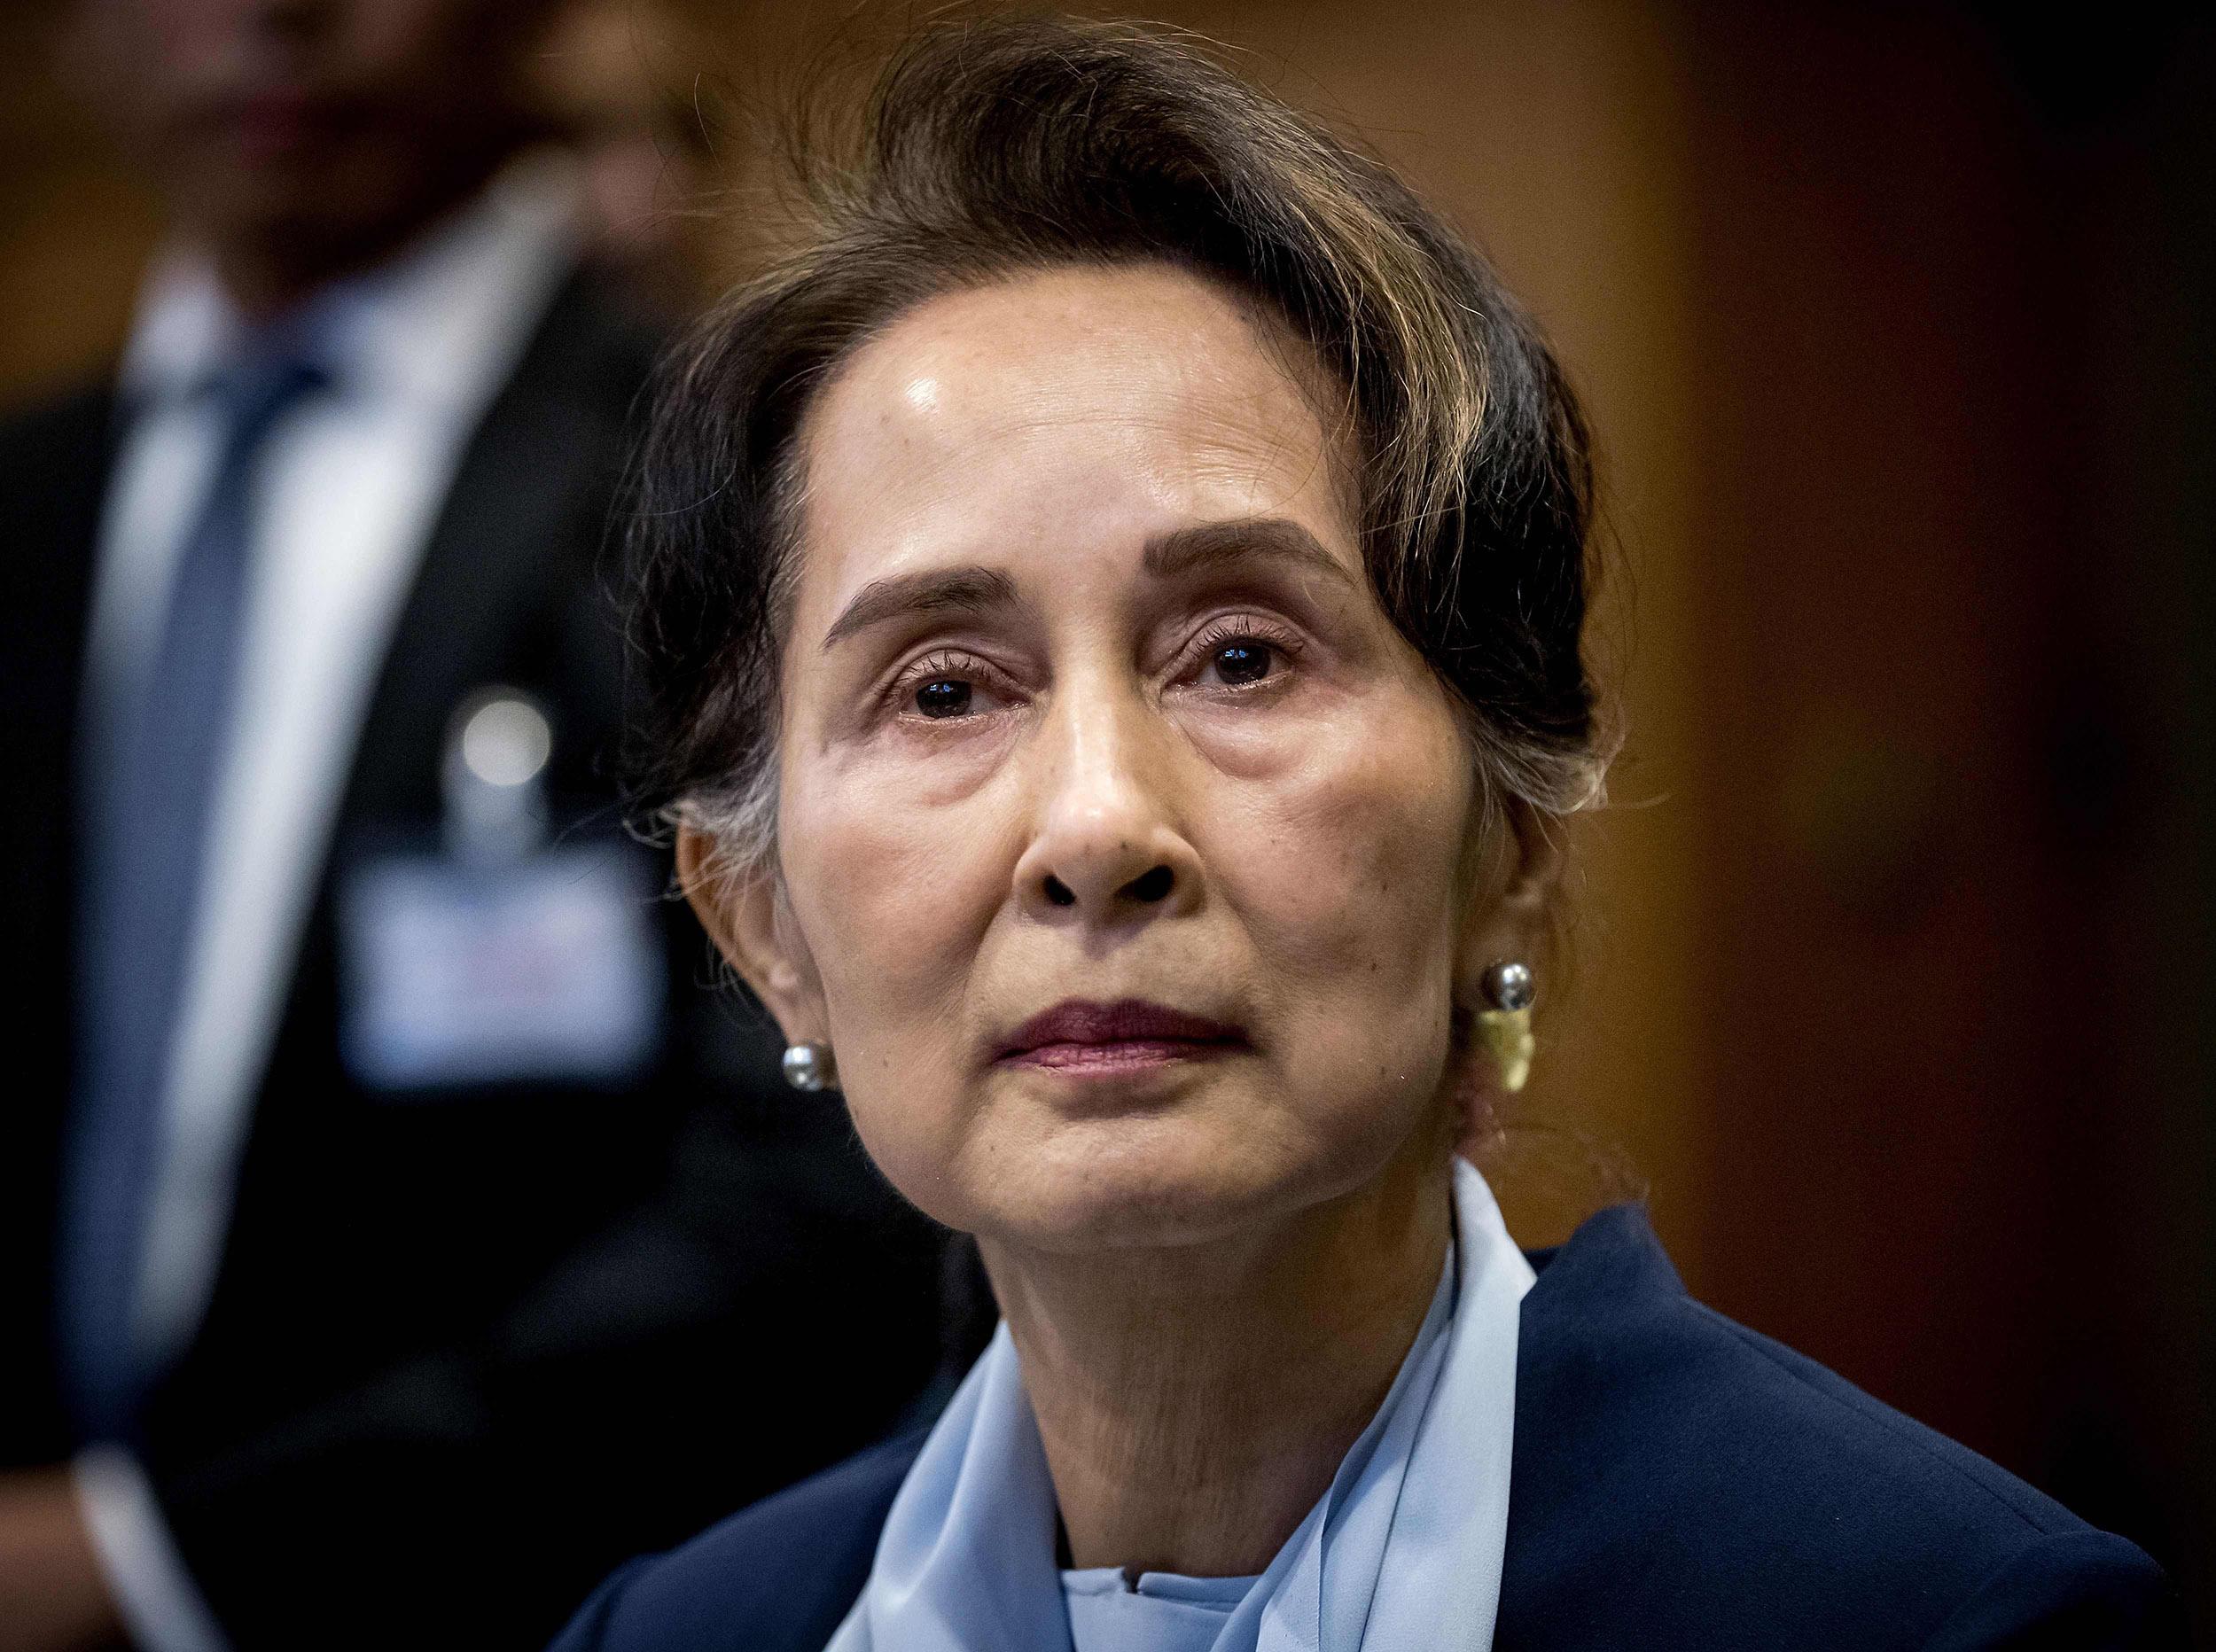 Myanmar President Aung San Suu Kyi (Photo: Koen Van WEEL / ANP / AFP)